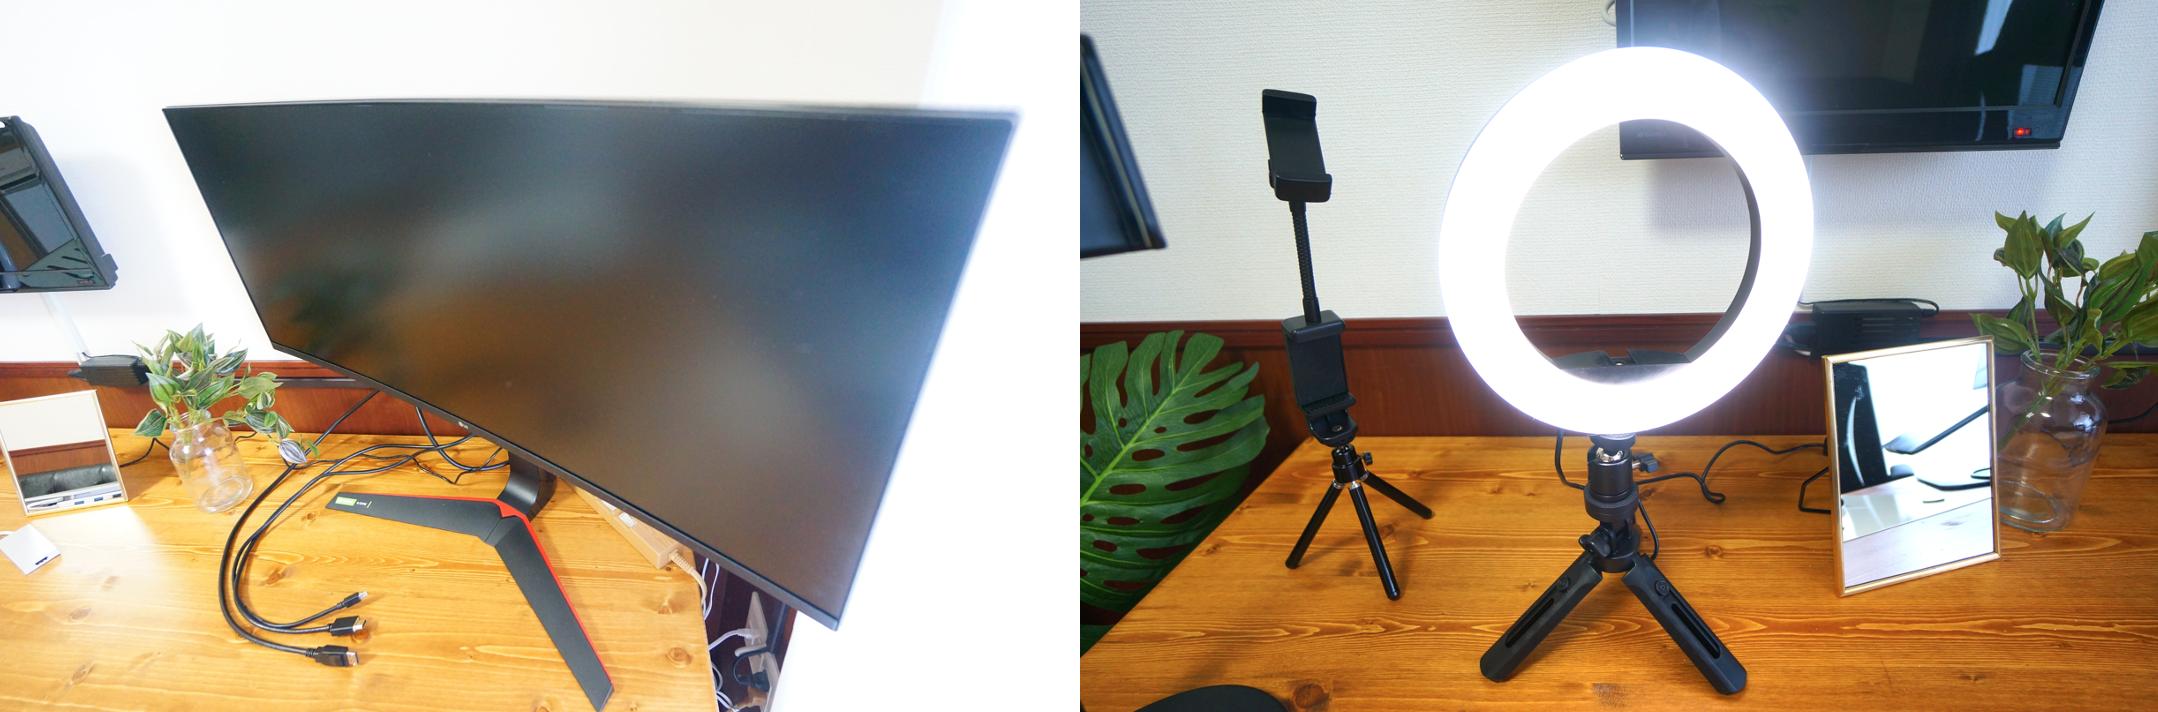 ミニマルオフィス無料設備のモニターとリングライト画像